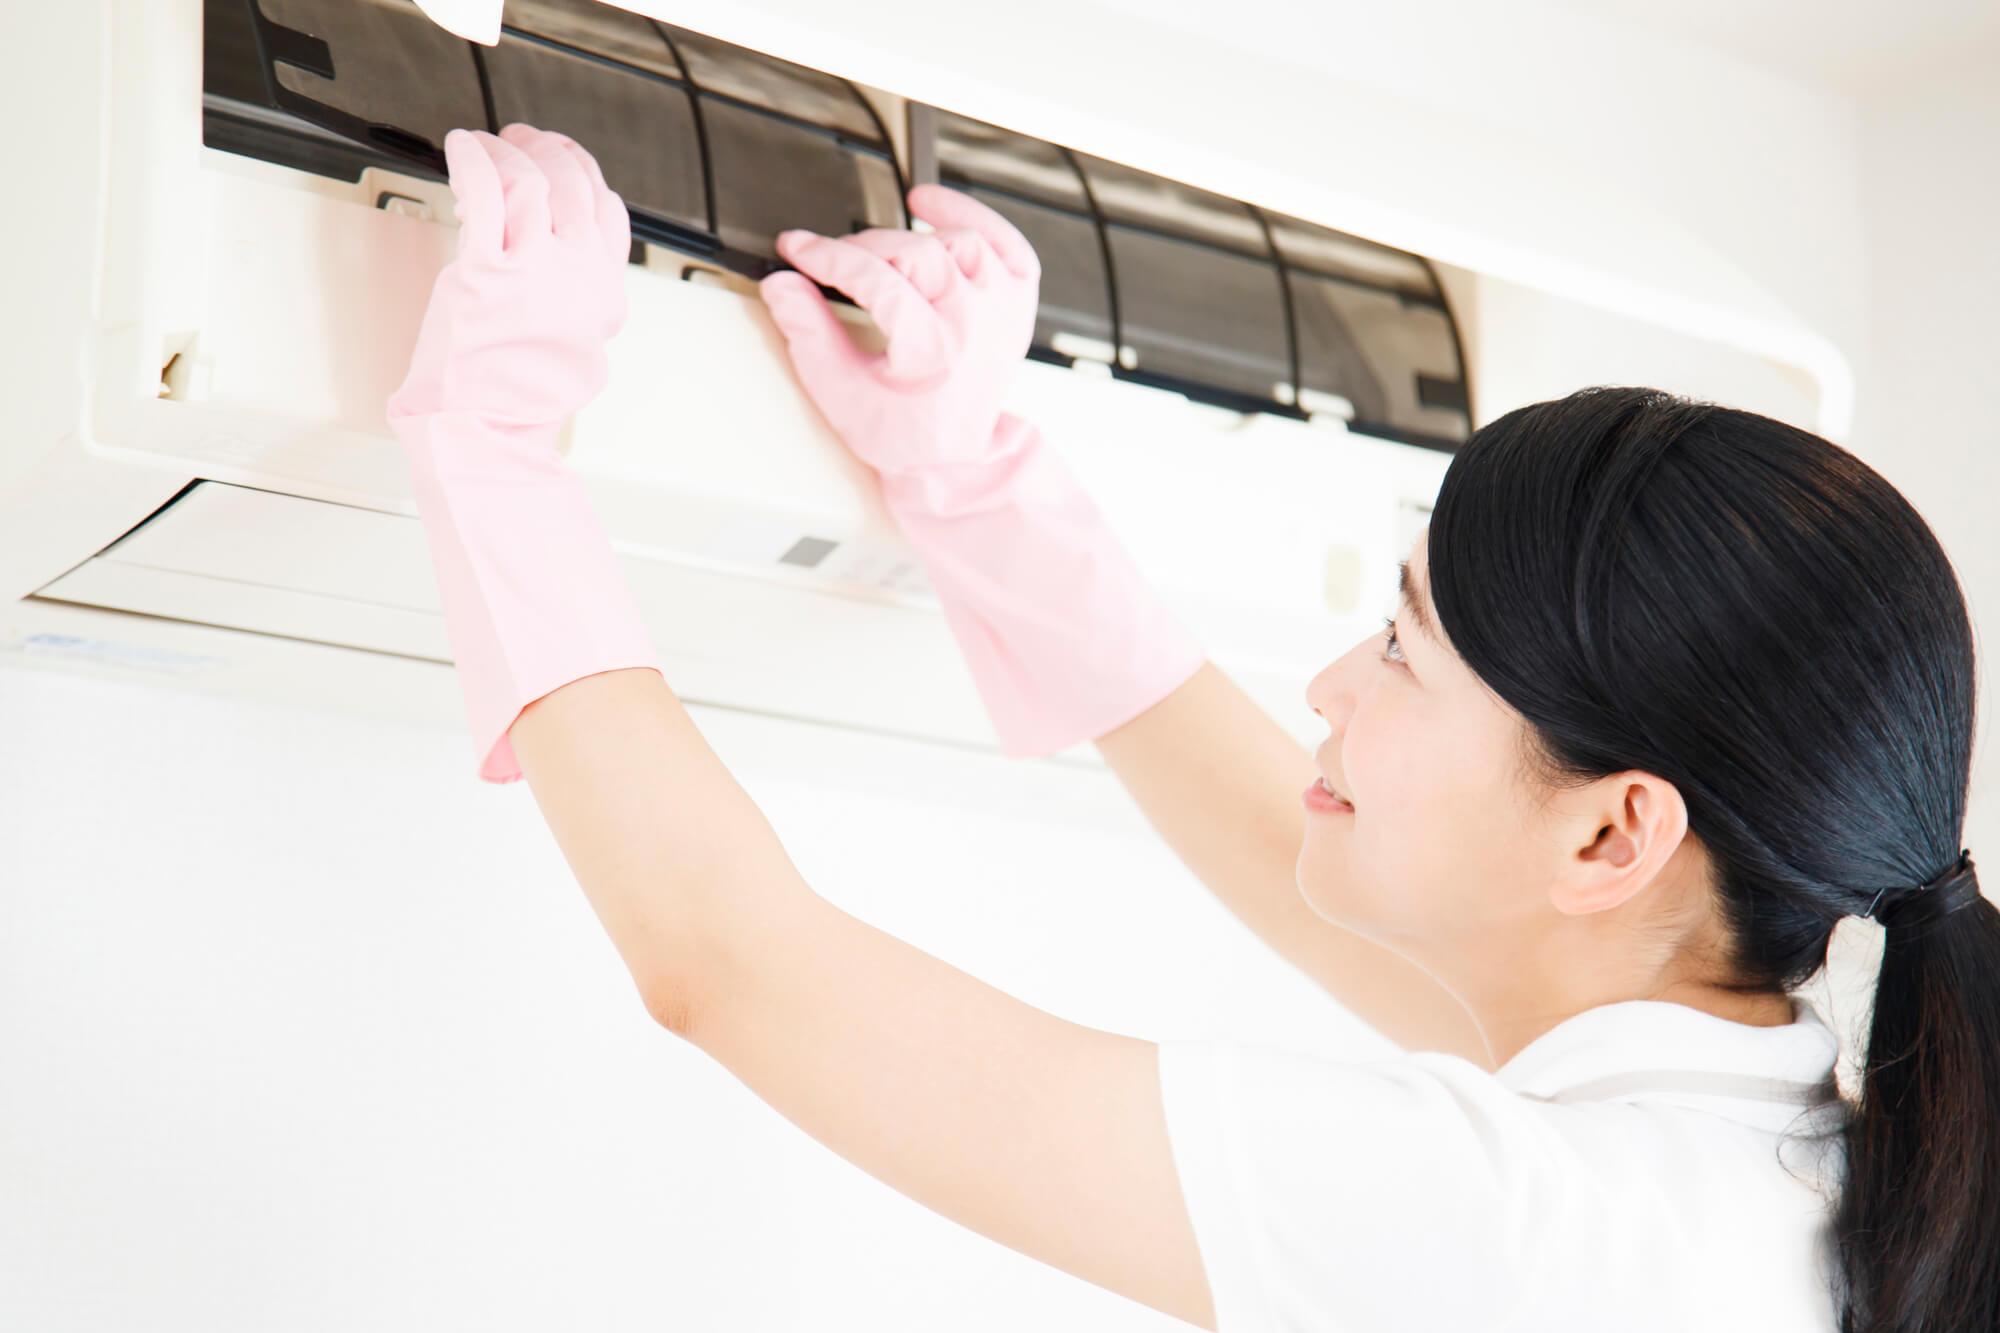 エアコンを掃除中の女性